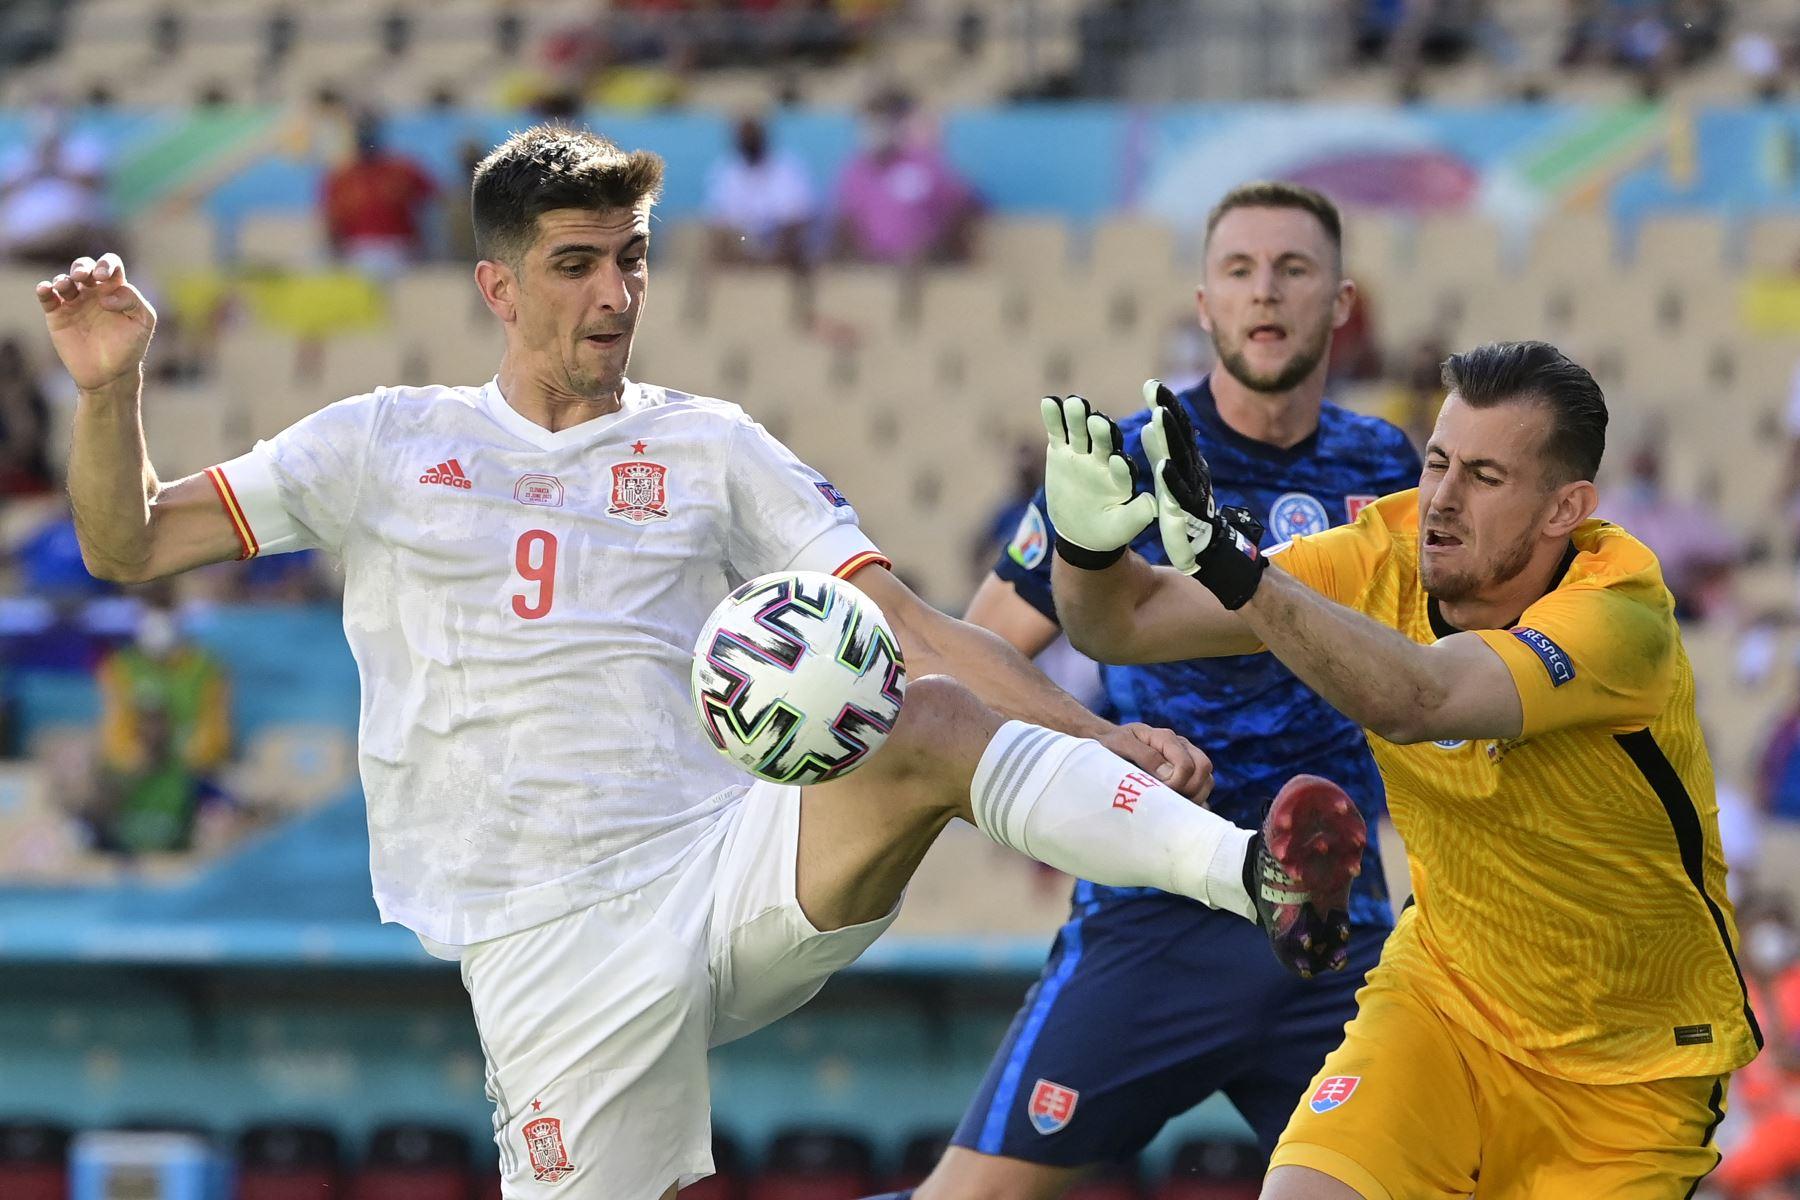 El delantero español Gerard es desafiado por el portero de Eslovaquia Martin Dubravka durante el partido por el Grupo E de la UEFA EURO, en Sevilla. Foto: AFP